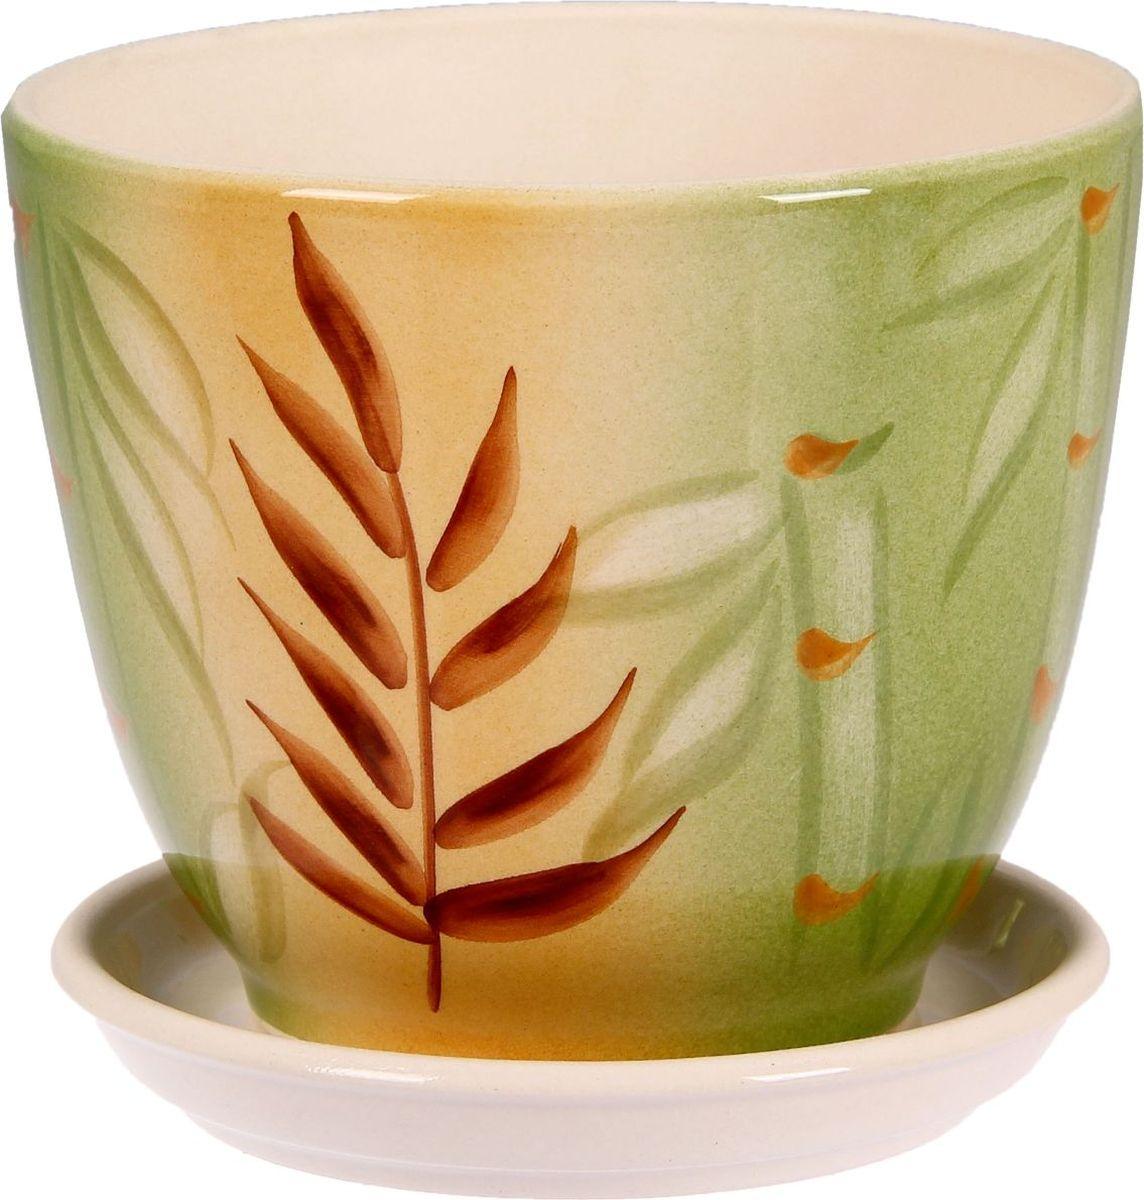 Кашпо Керамика ручной работы Кедр. Бамбук, цвет: зеленый, 2,2 л835557Комнатные растения — всеобщие любимцы. Они радуют глаз, насыщают помещение кислородом и украшают пространство. Каждому из них необходим свой удобный и красивый дом. Кашпо из керамики прекрасно подходят для высадки растений: за счёт пластичности глины и разных способов обработки существует великое множество форм и дизайновпористый материал позволяет испаряться лишней влагевоздух, необходимый для дыхания корней, проникает сквозь керамические стенки! #name# позаботится о зелёном питомце, освежит интерьер и подчеркнёт его стиль.